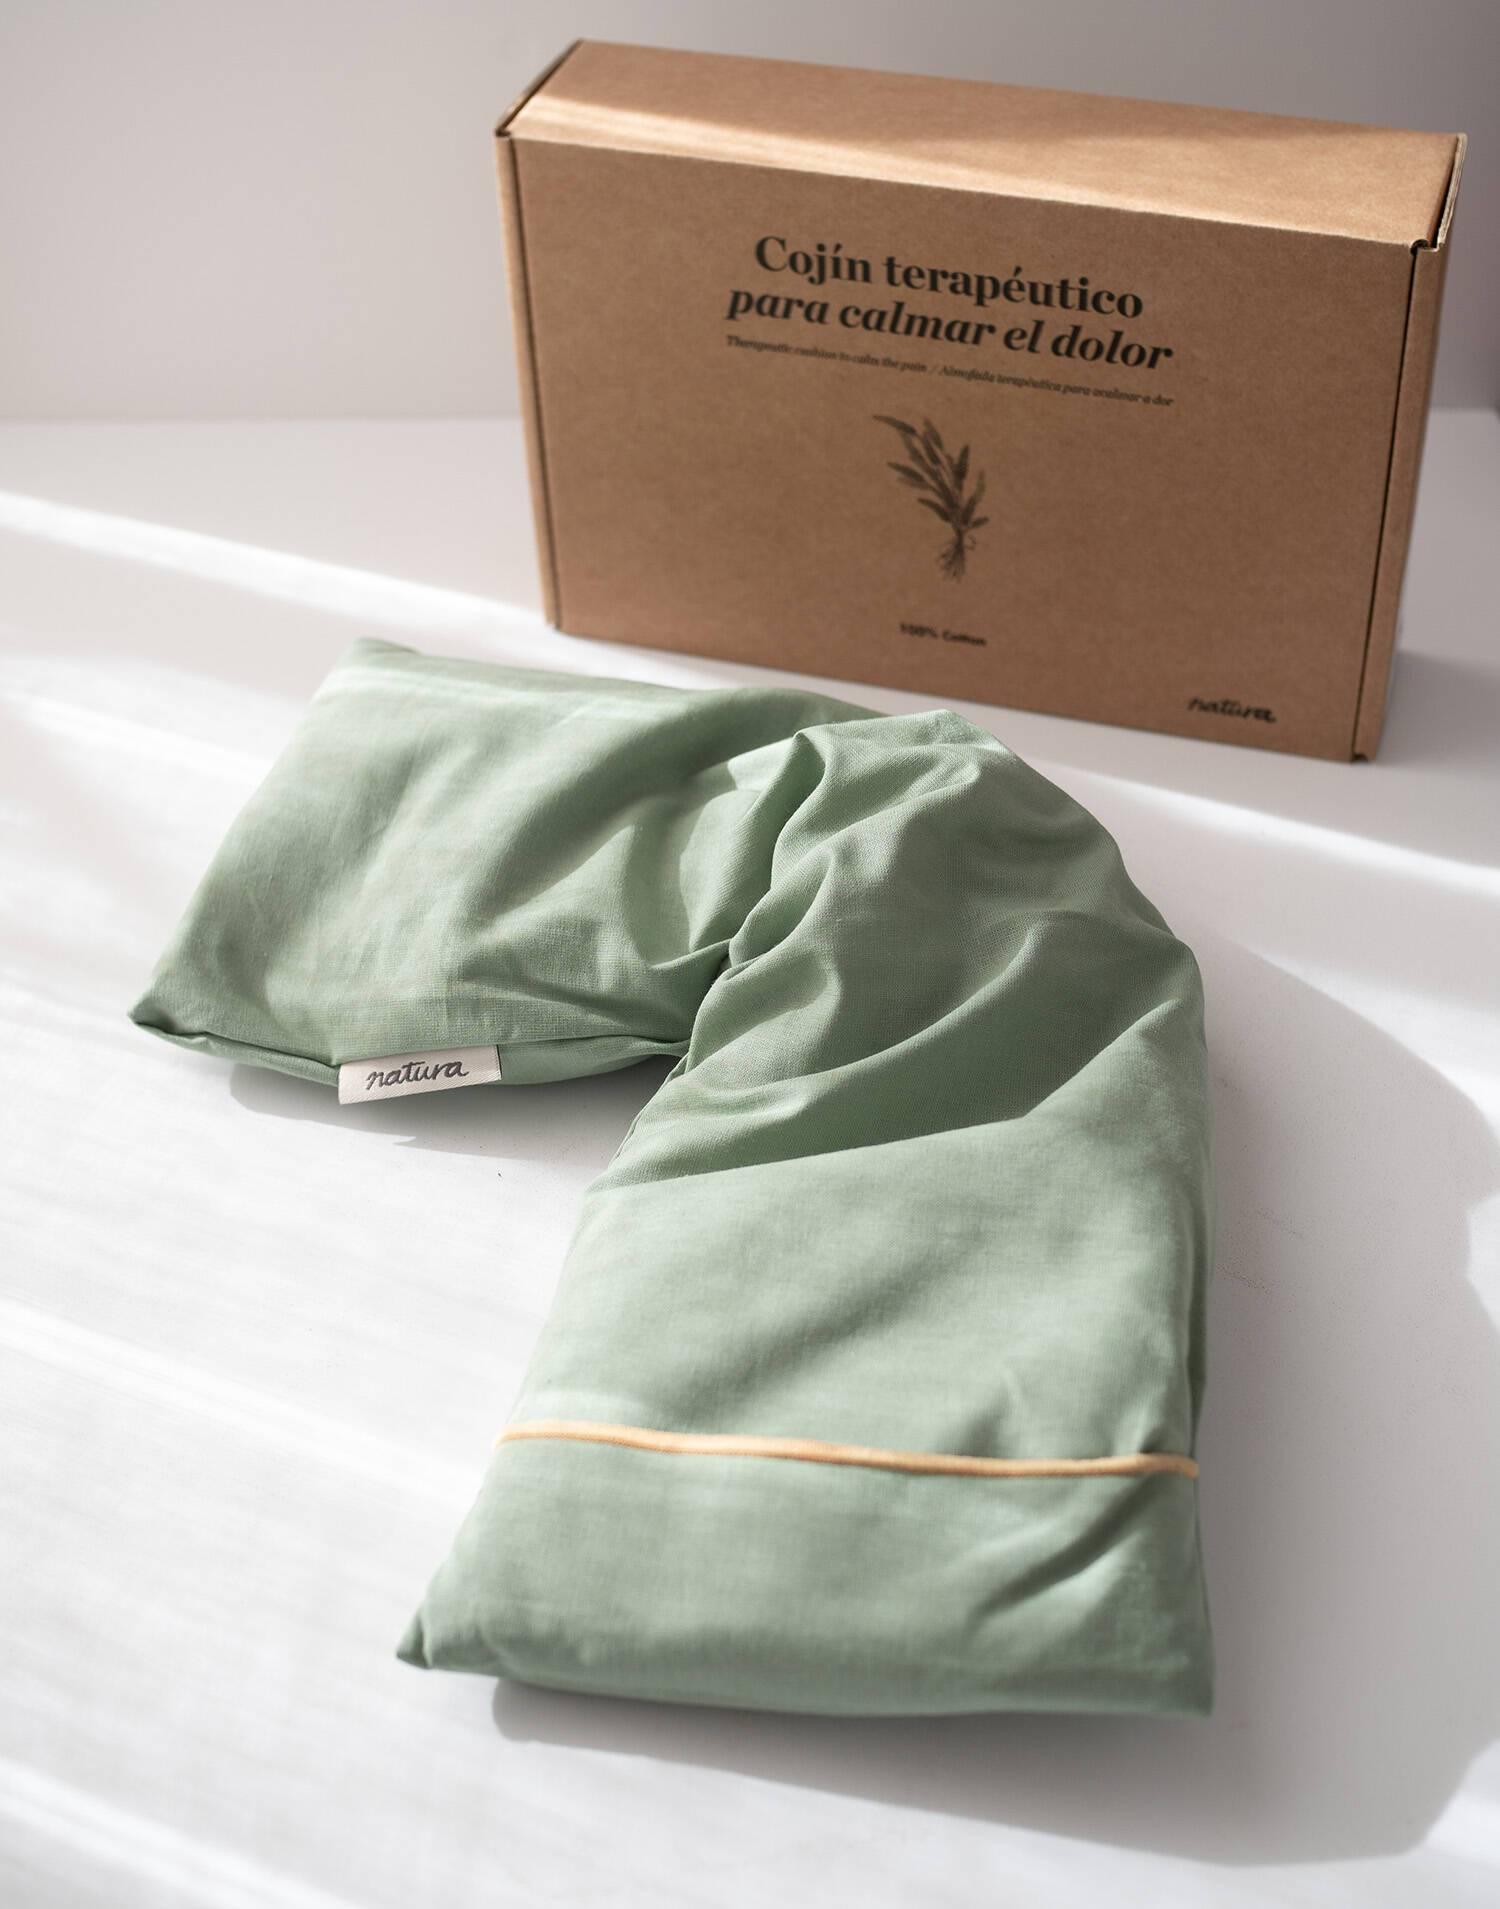 Cojín cervical con funda